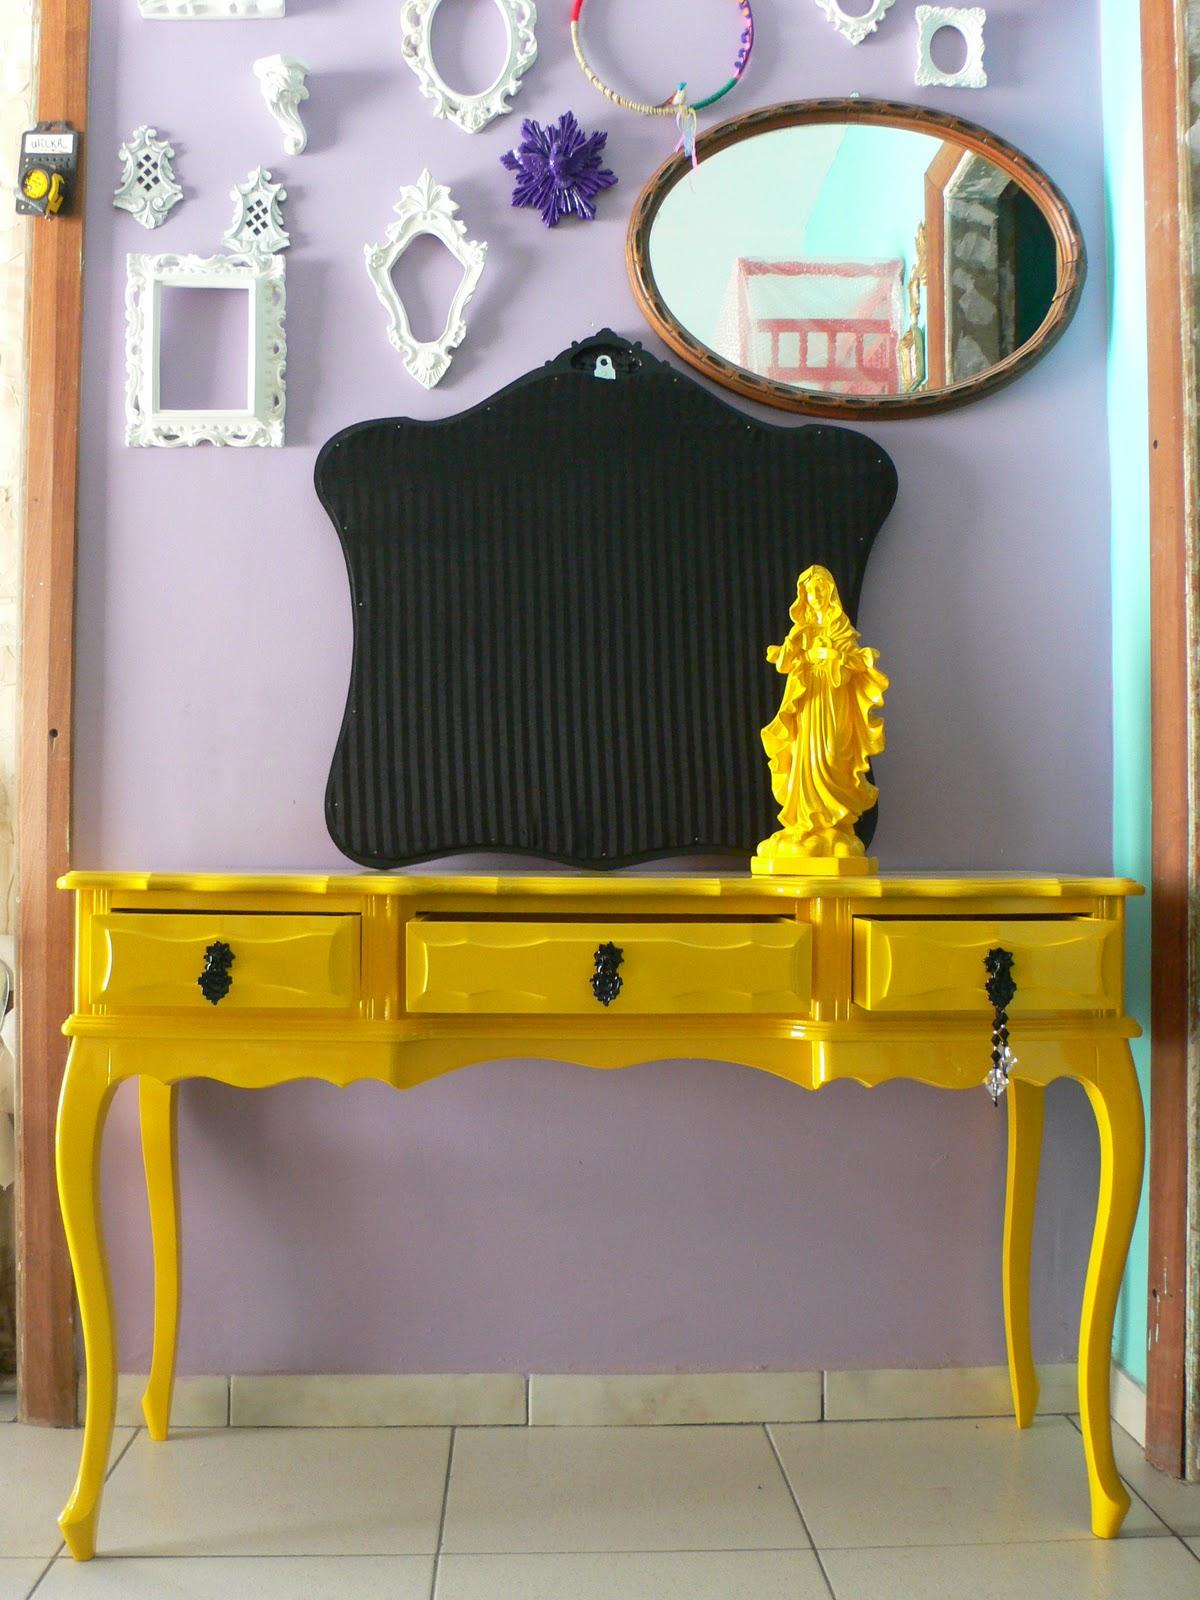 Aparador Aliança Em Ouro ~ Ateliando Customizaç u00e3o de móveis antigos Aparador Provençal Antigo